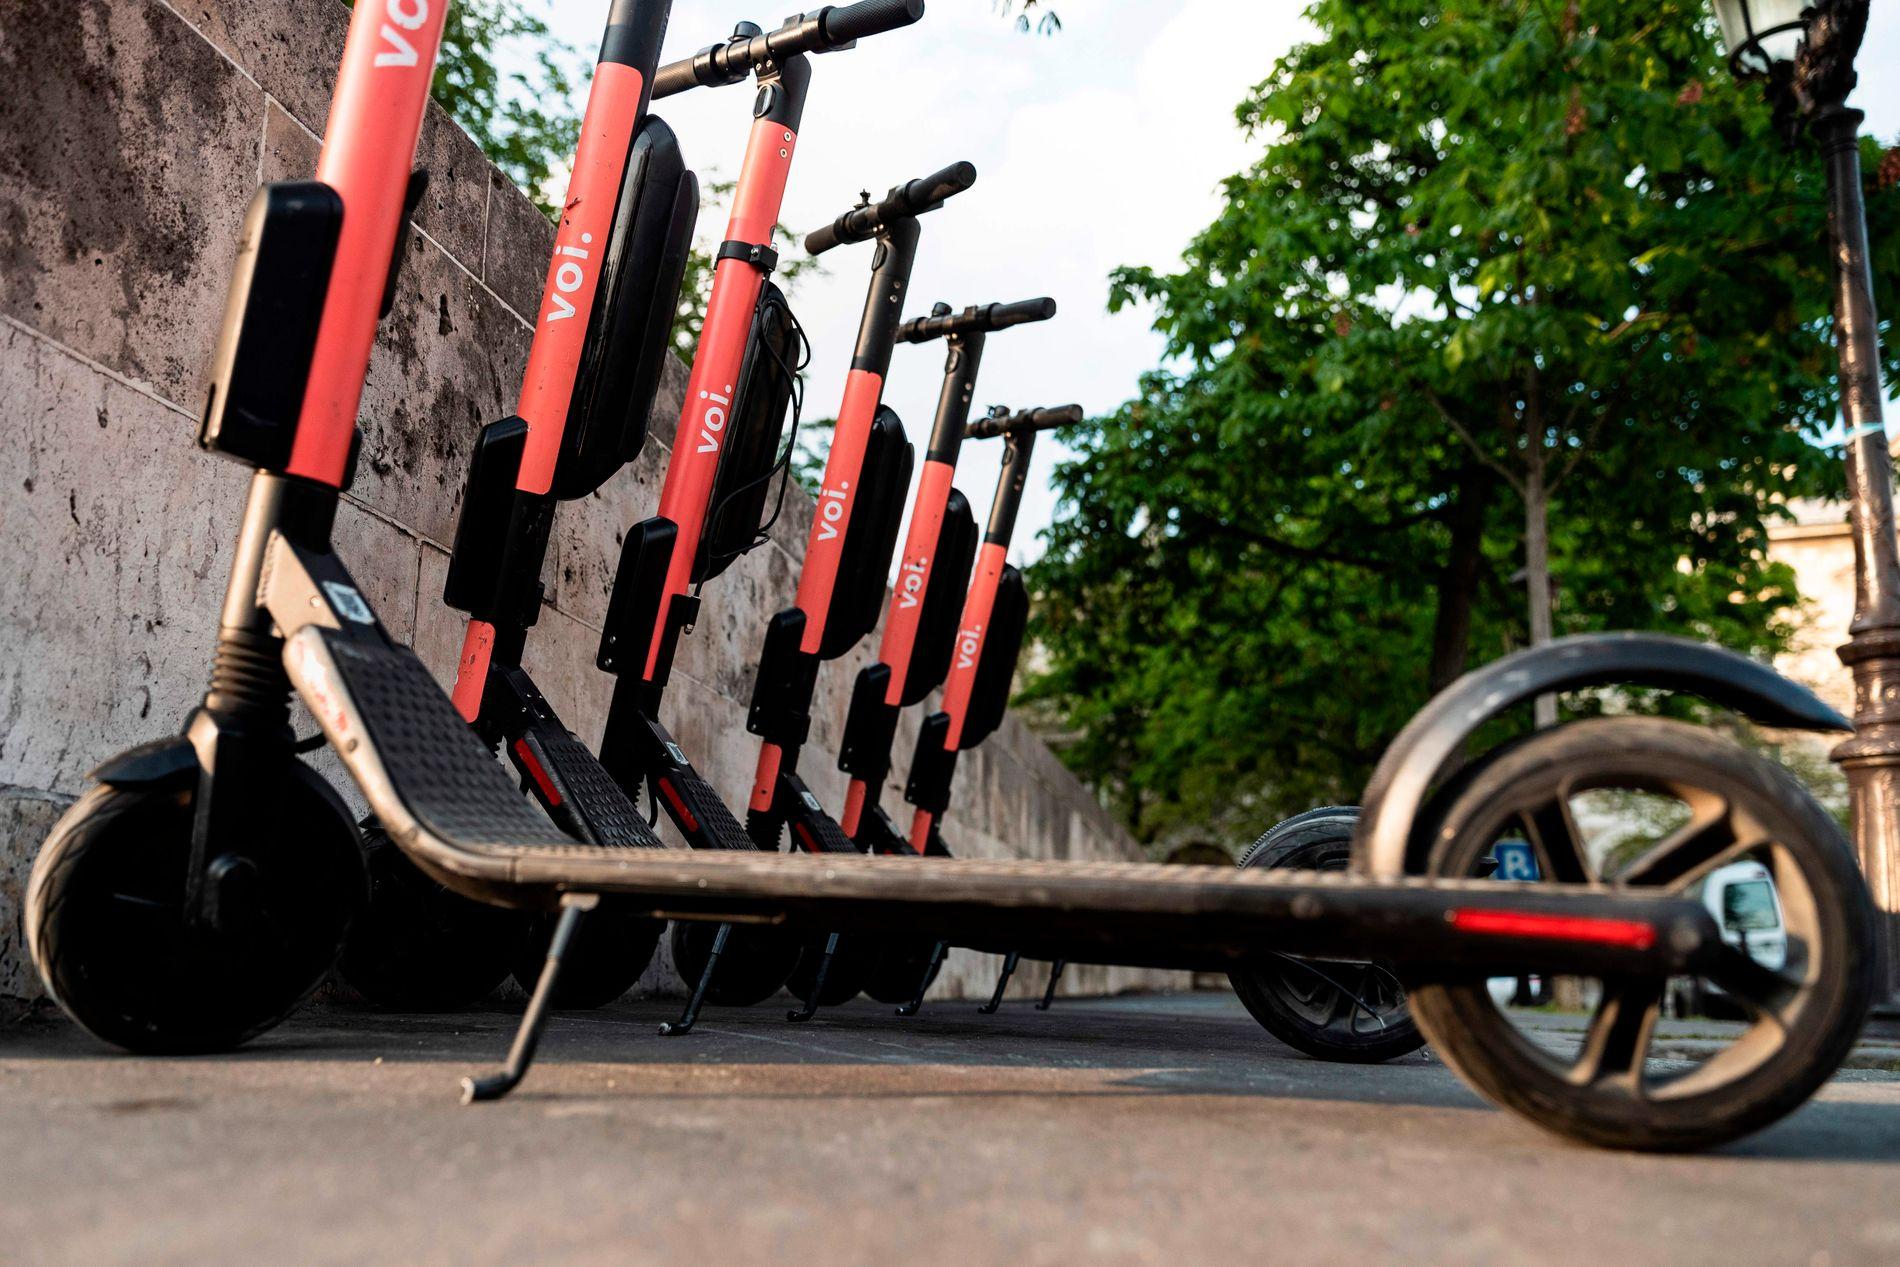 FLERE ULYKKER: Det er blitt flere elsparkesykkel-aktører i Oslo, og antallet ulykker øker.